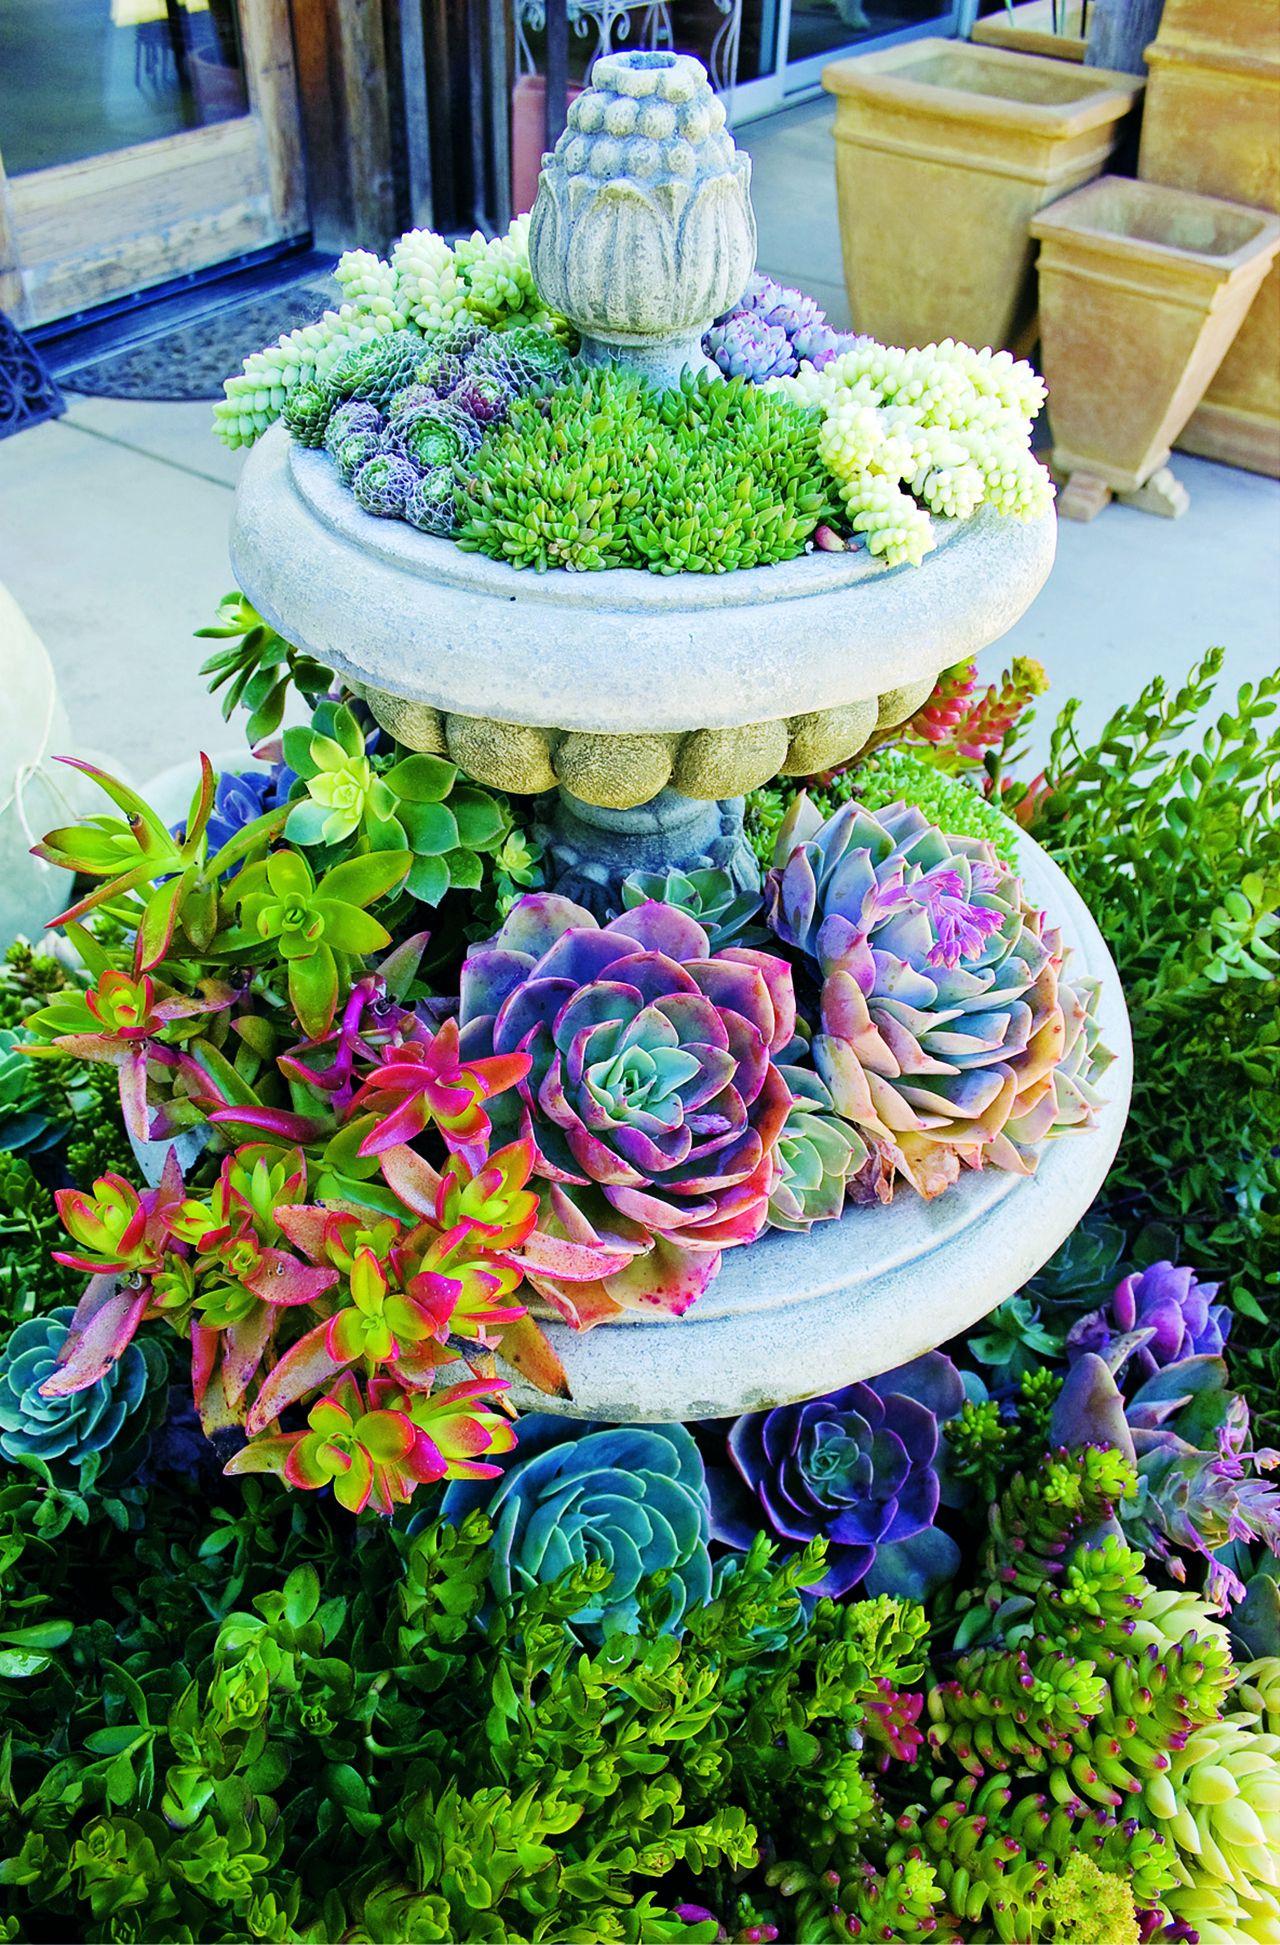 Pin on Best Home Garden Designs